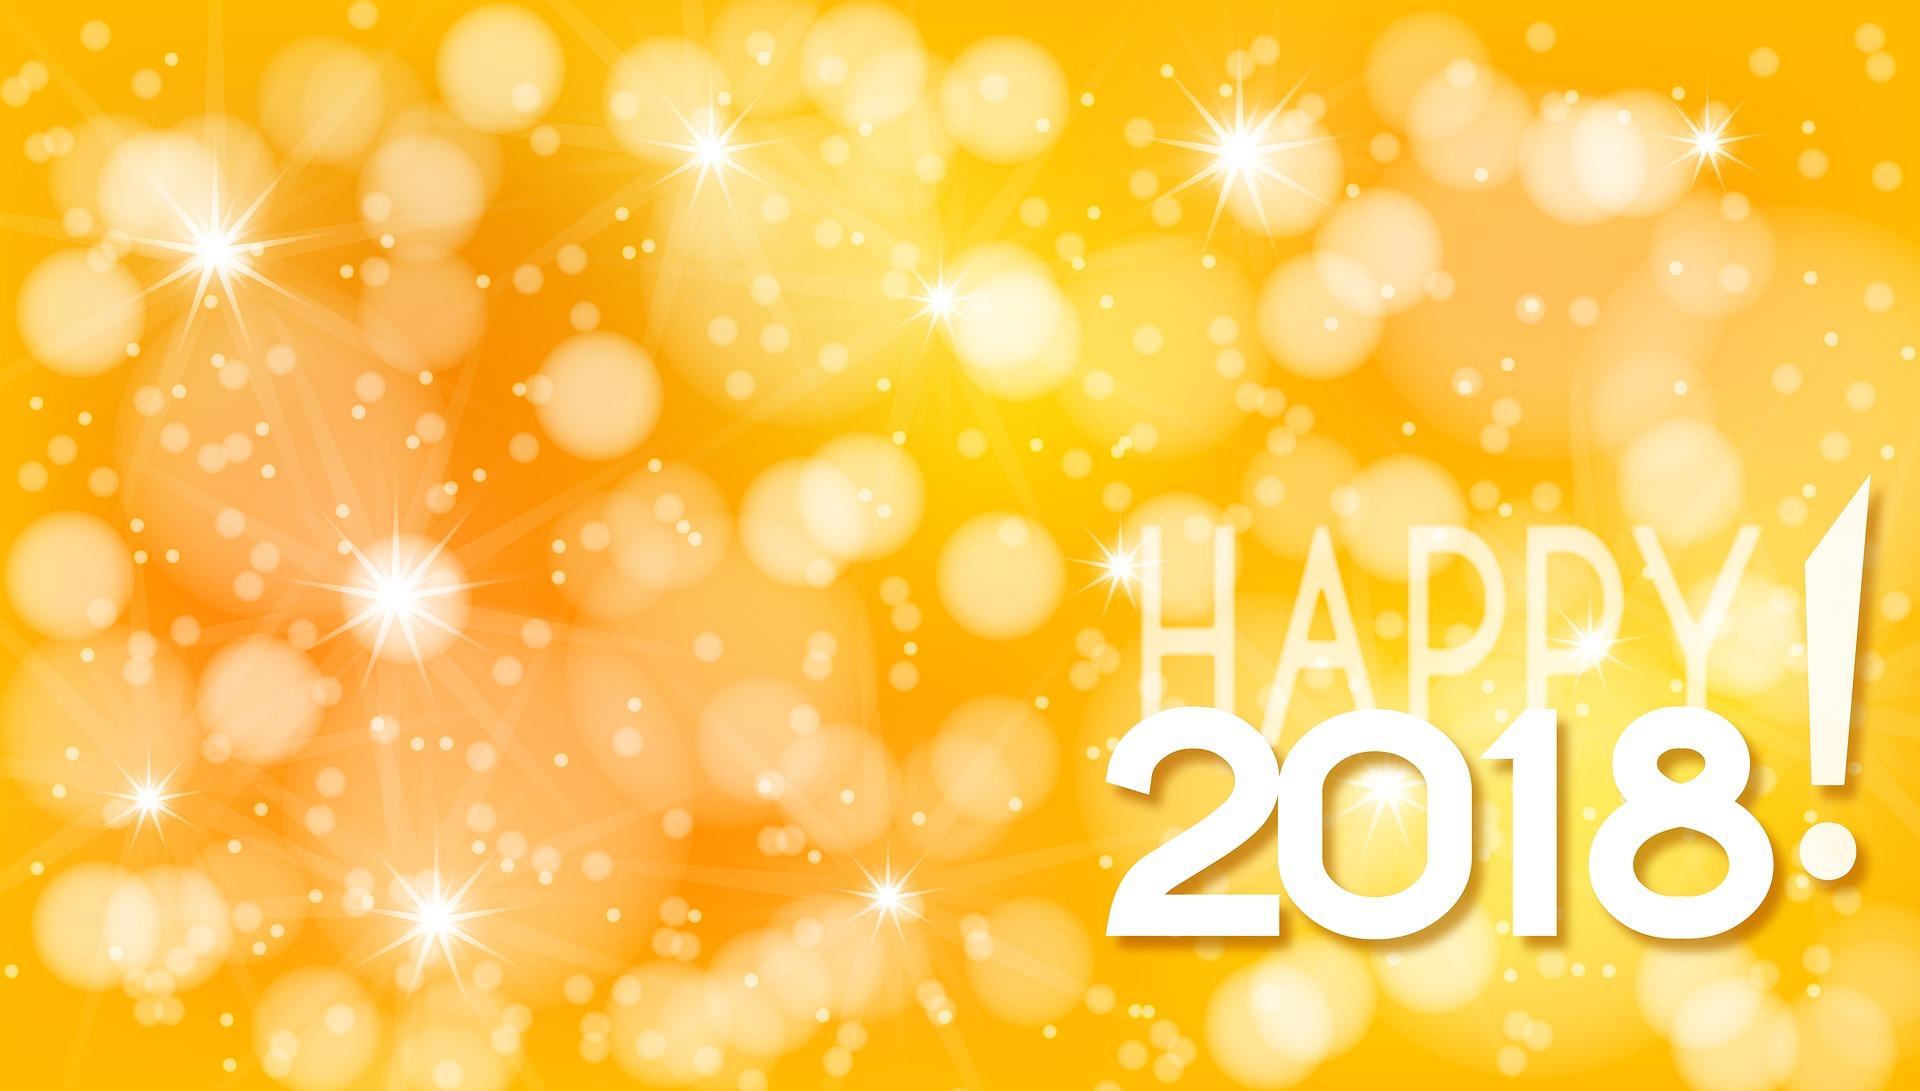 Frases De Felicitacion De Ano Nuevo Y Navidad.Frases Sms Y Whatsapps Graciosos Y Curiosos Para Felicitar